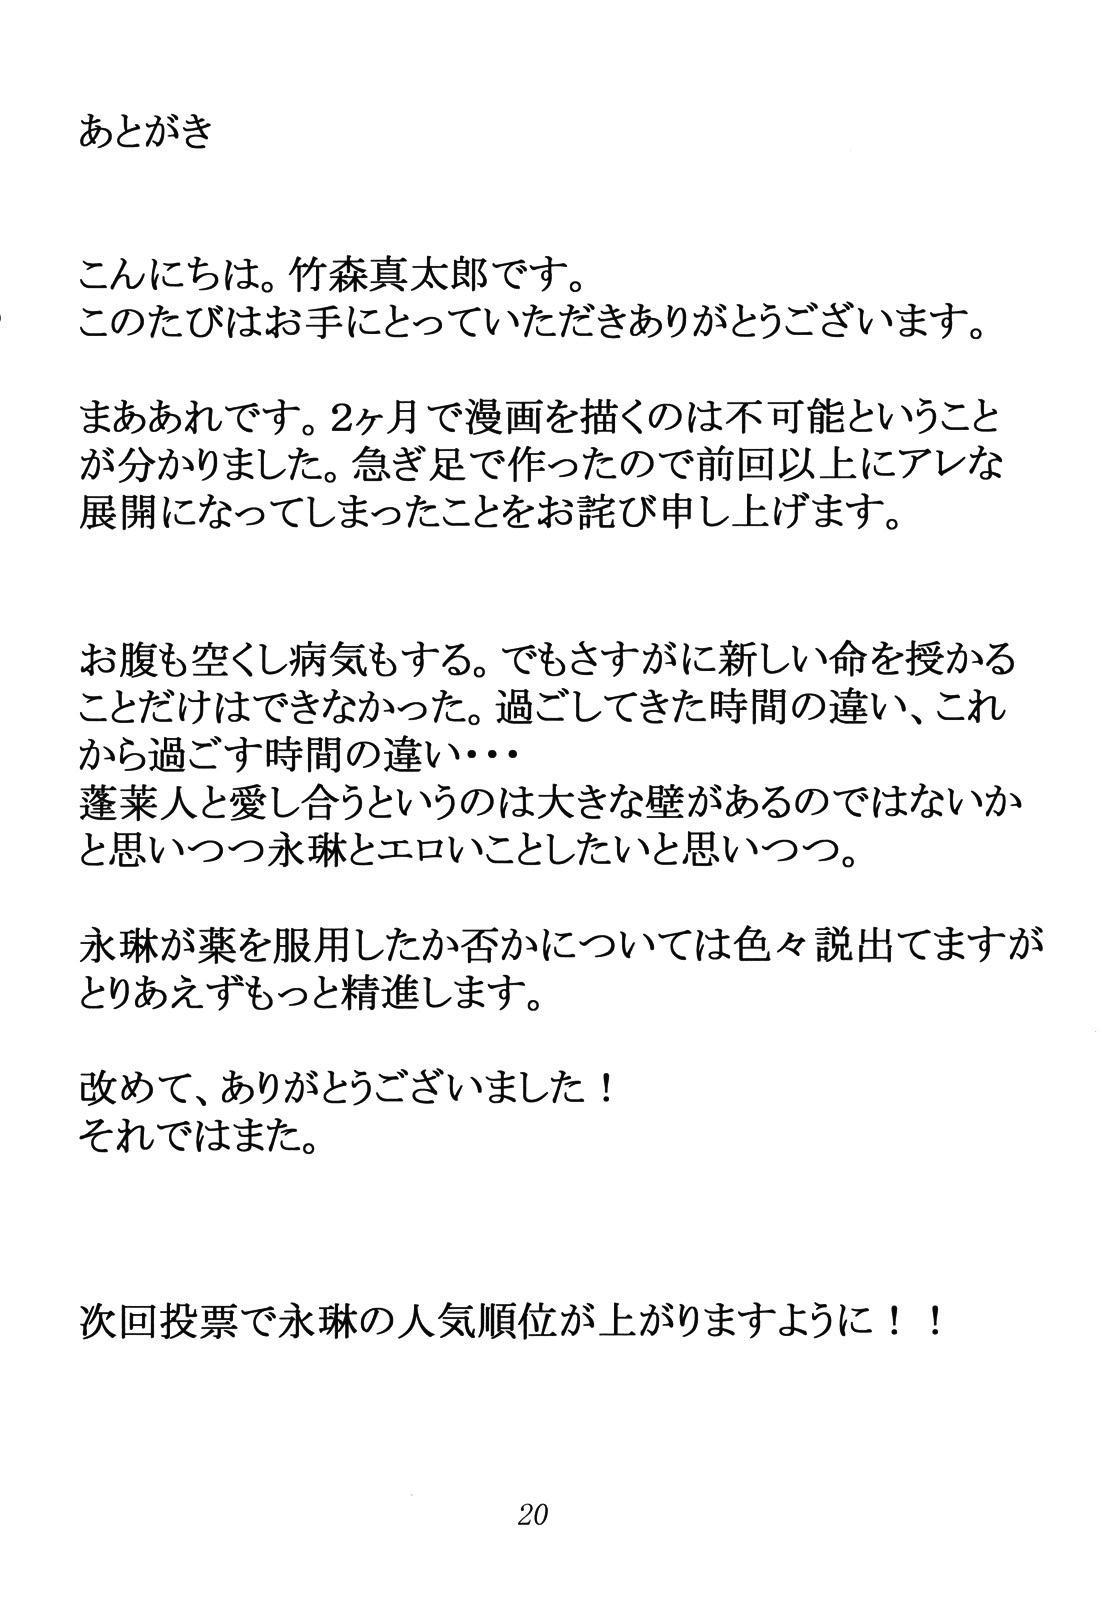 Shinsatsu Jikan Go 20